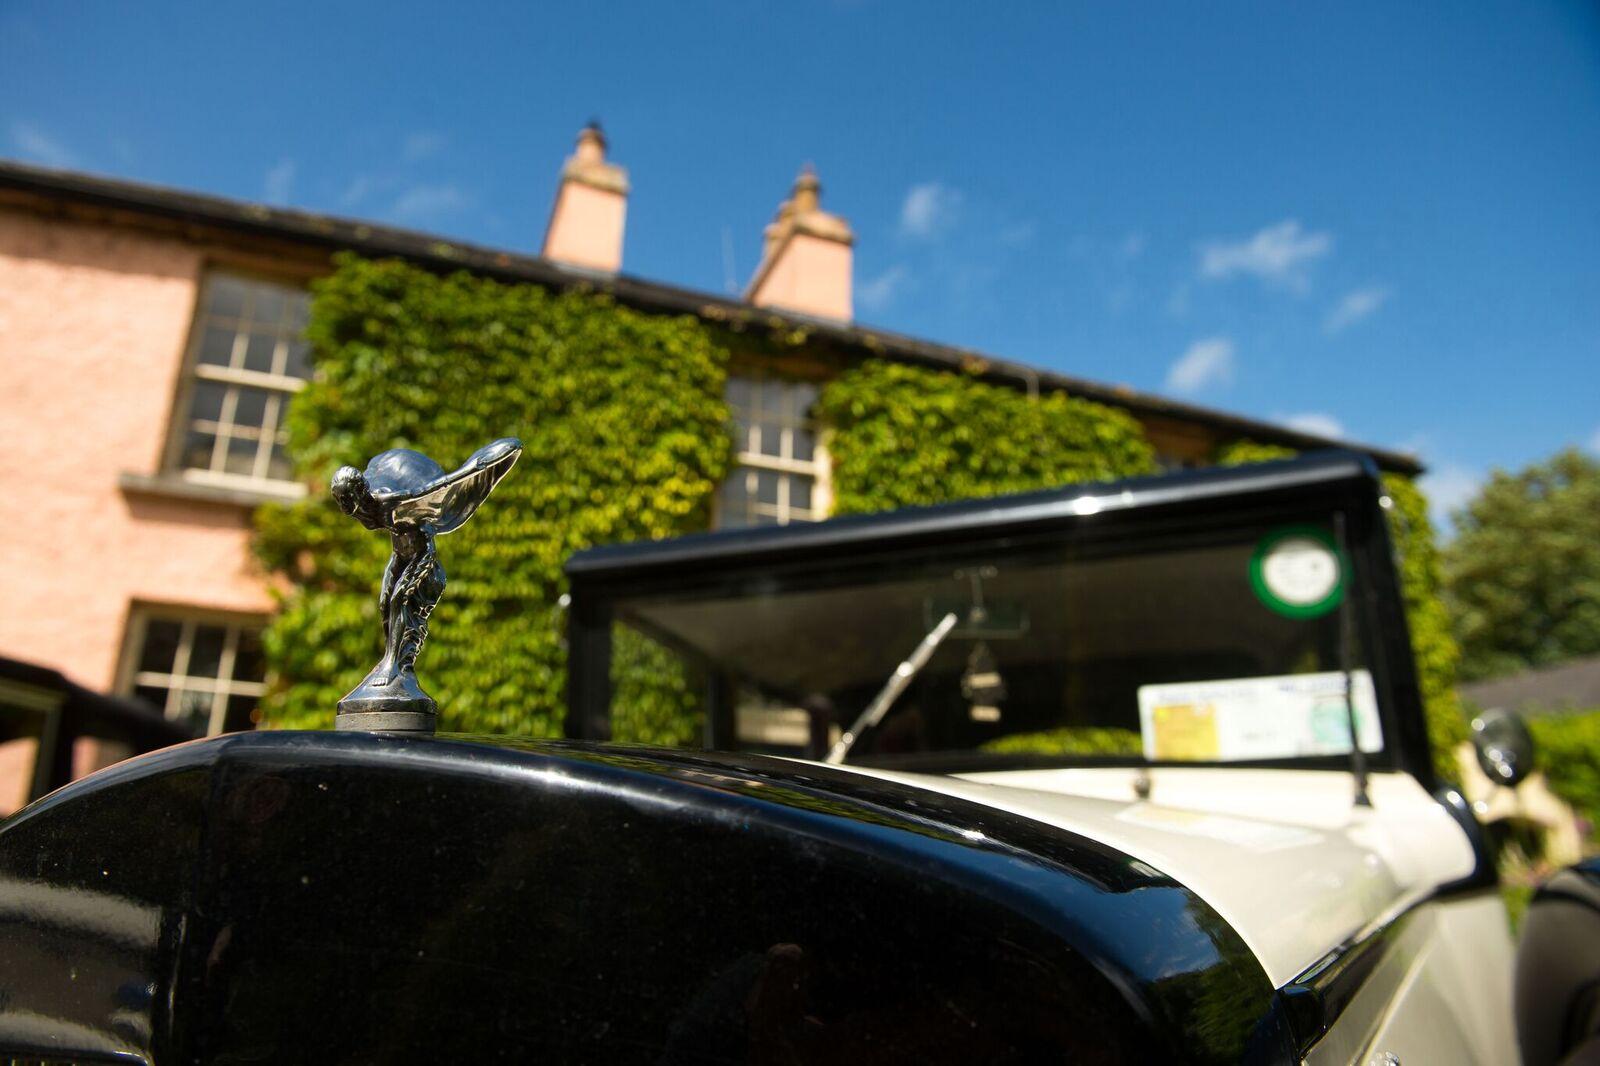 Arrive via chauffeur driven vintage car